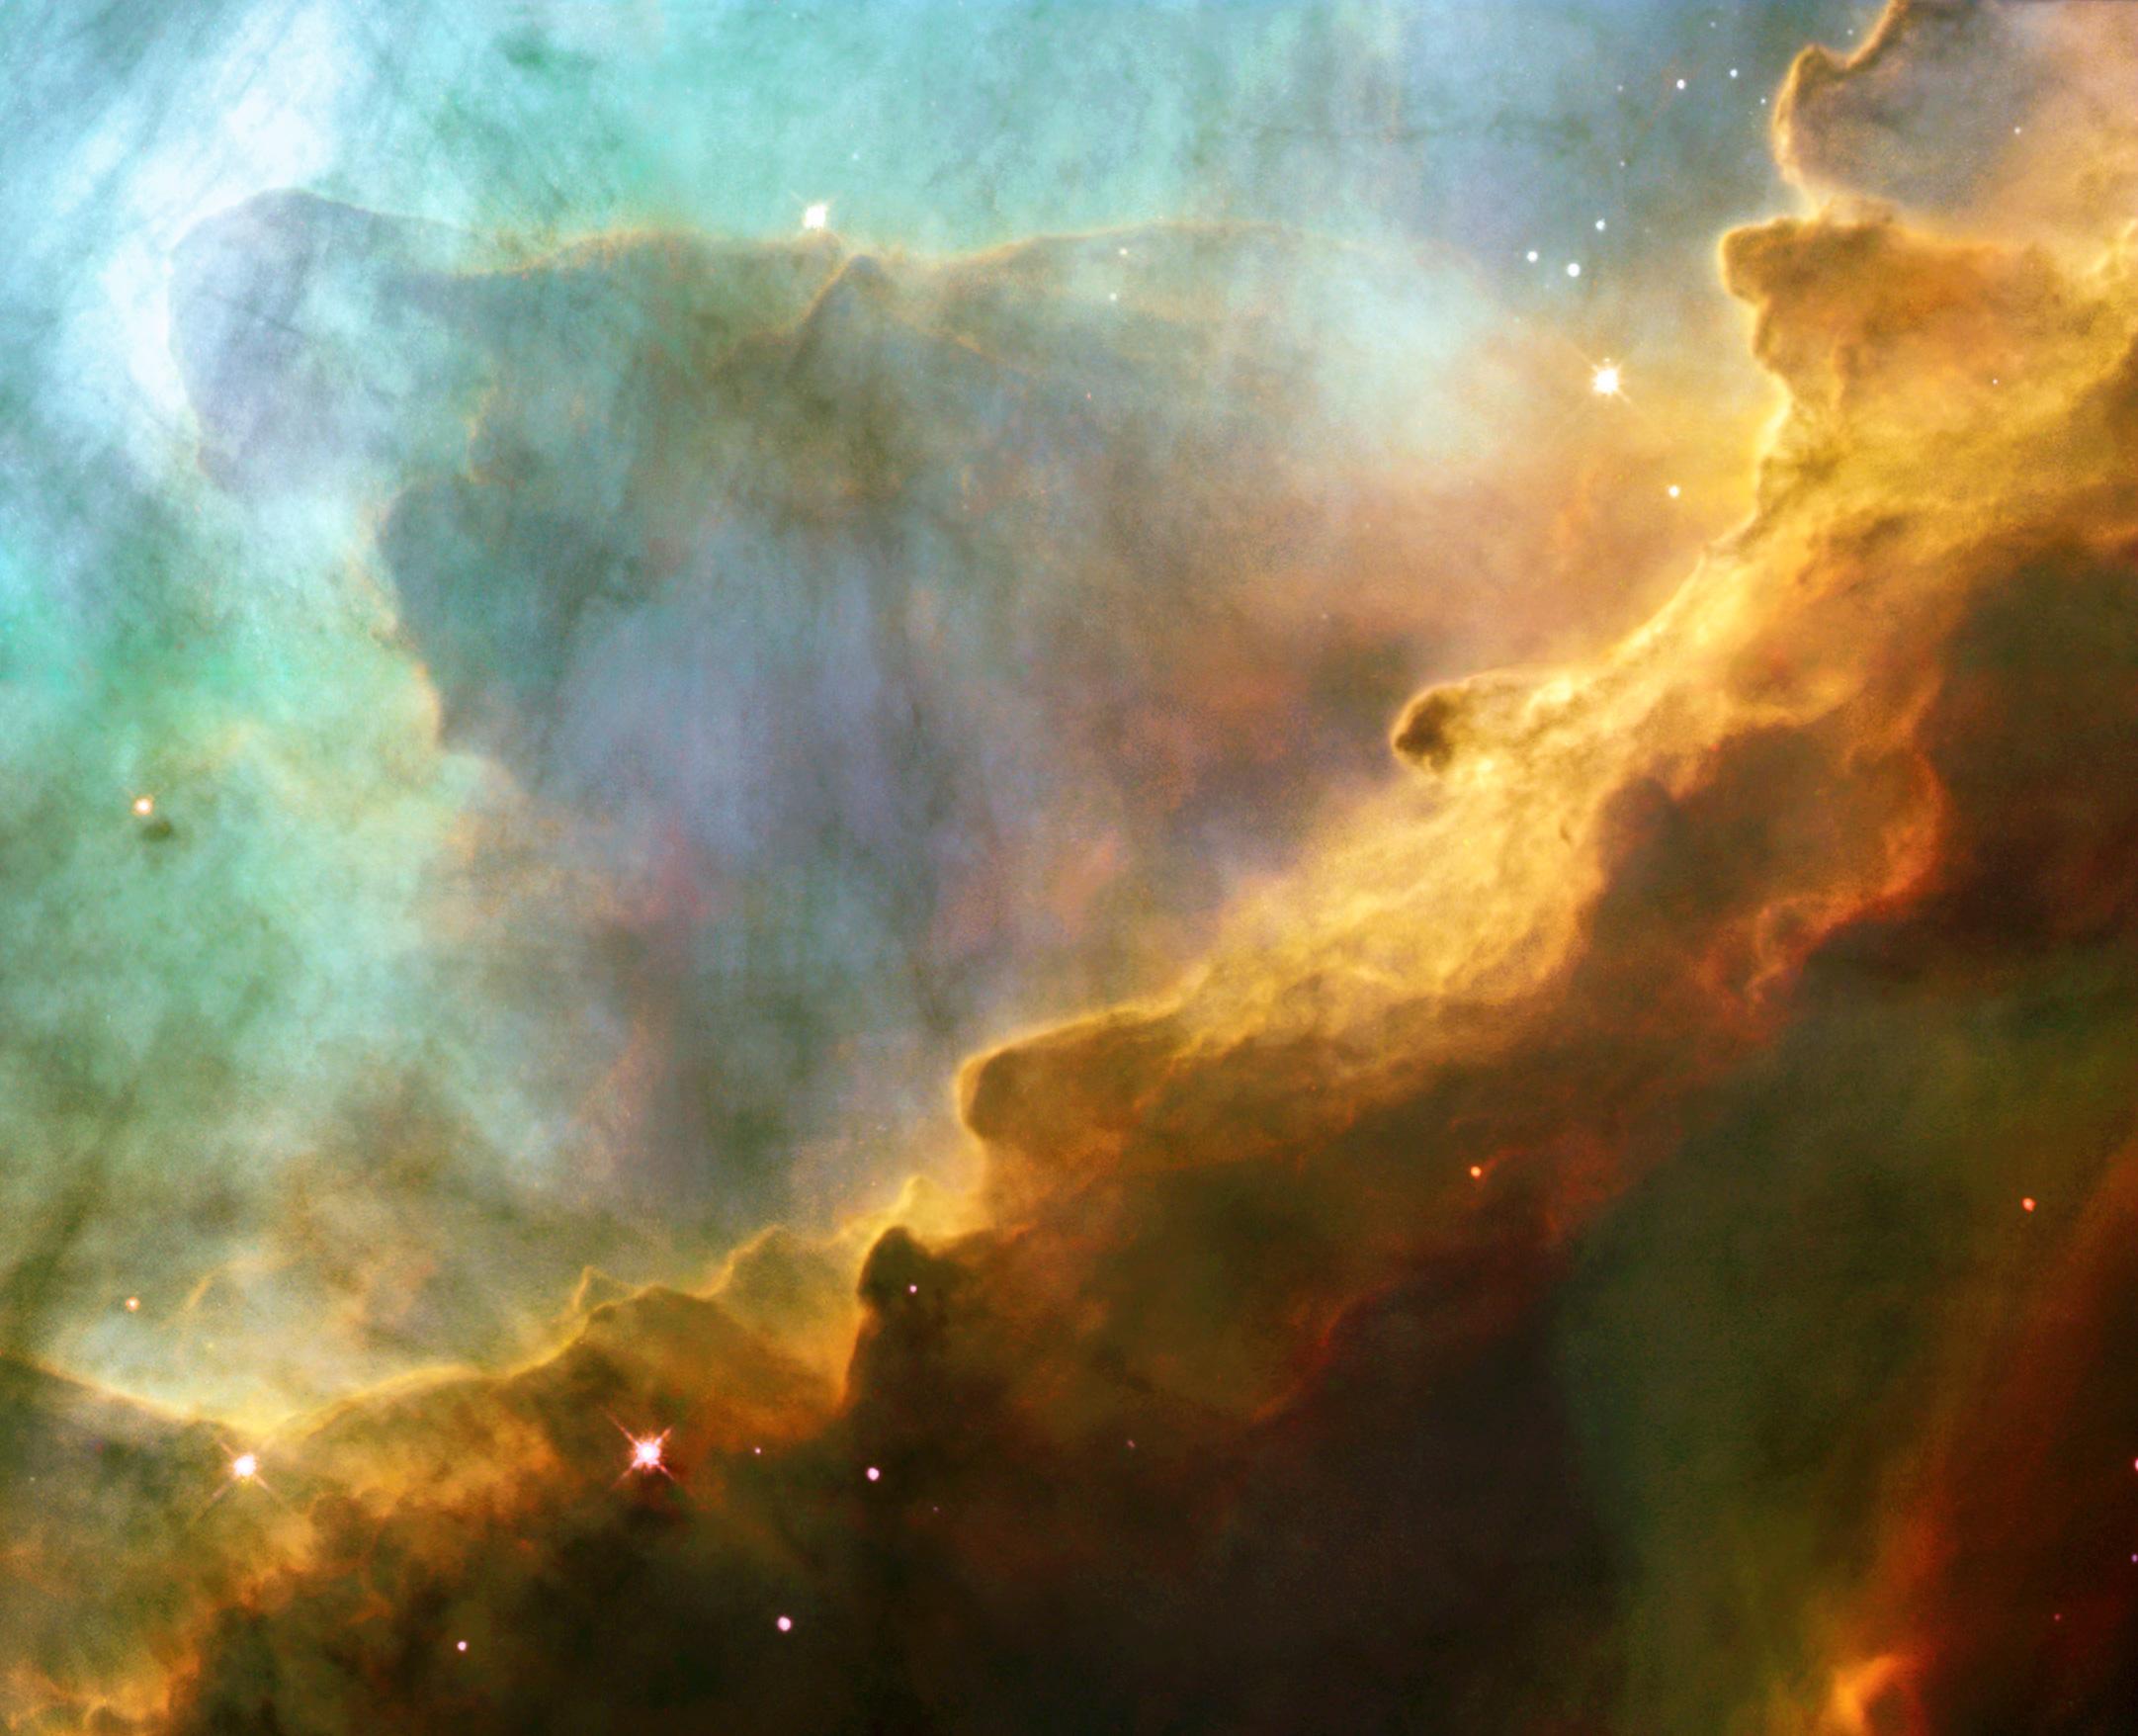 Omega_Nebula.jpeg